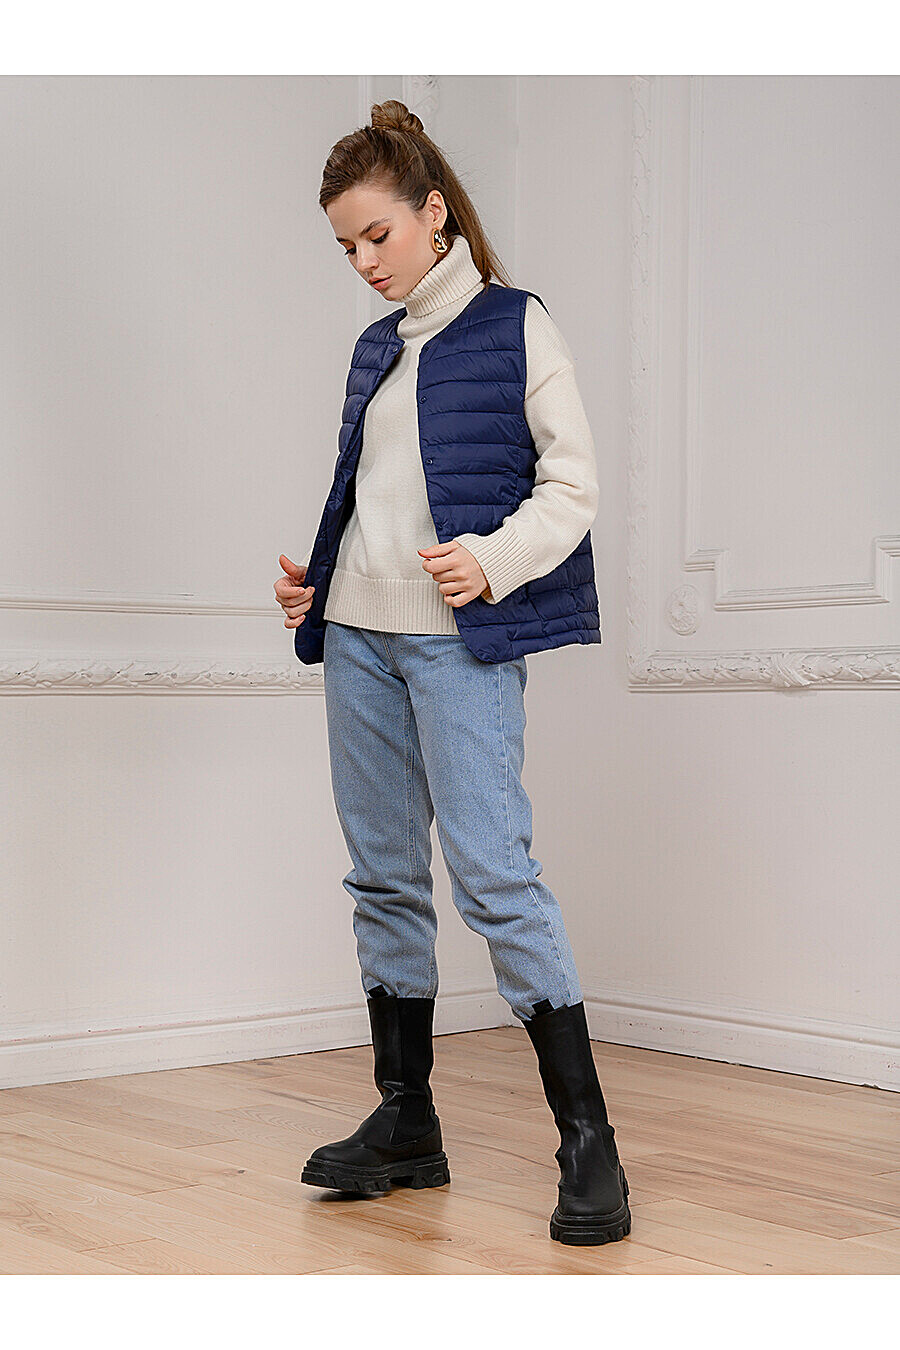 Жилет для женщин 1001 DRESS 707051 купить оптом от производителя. Совместная покупка женской одежды в OptMoyo